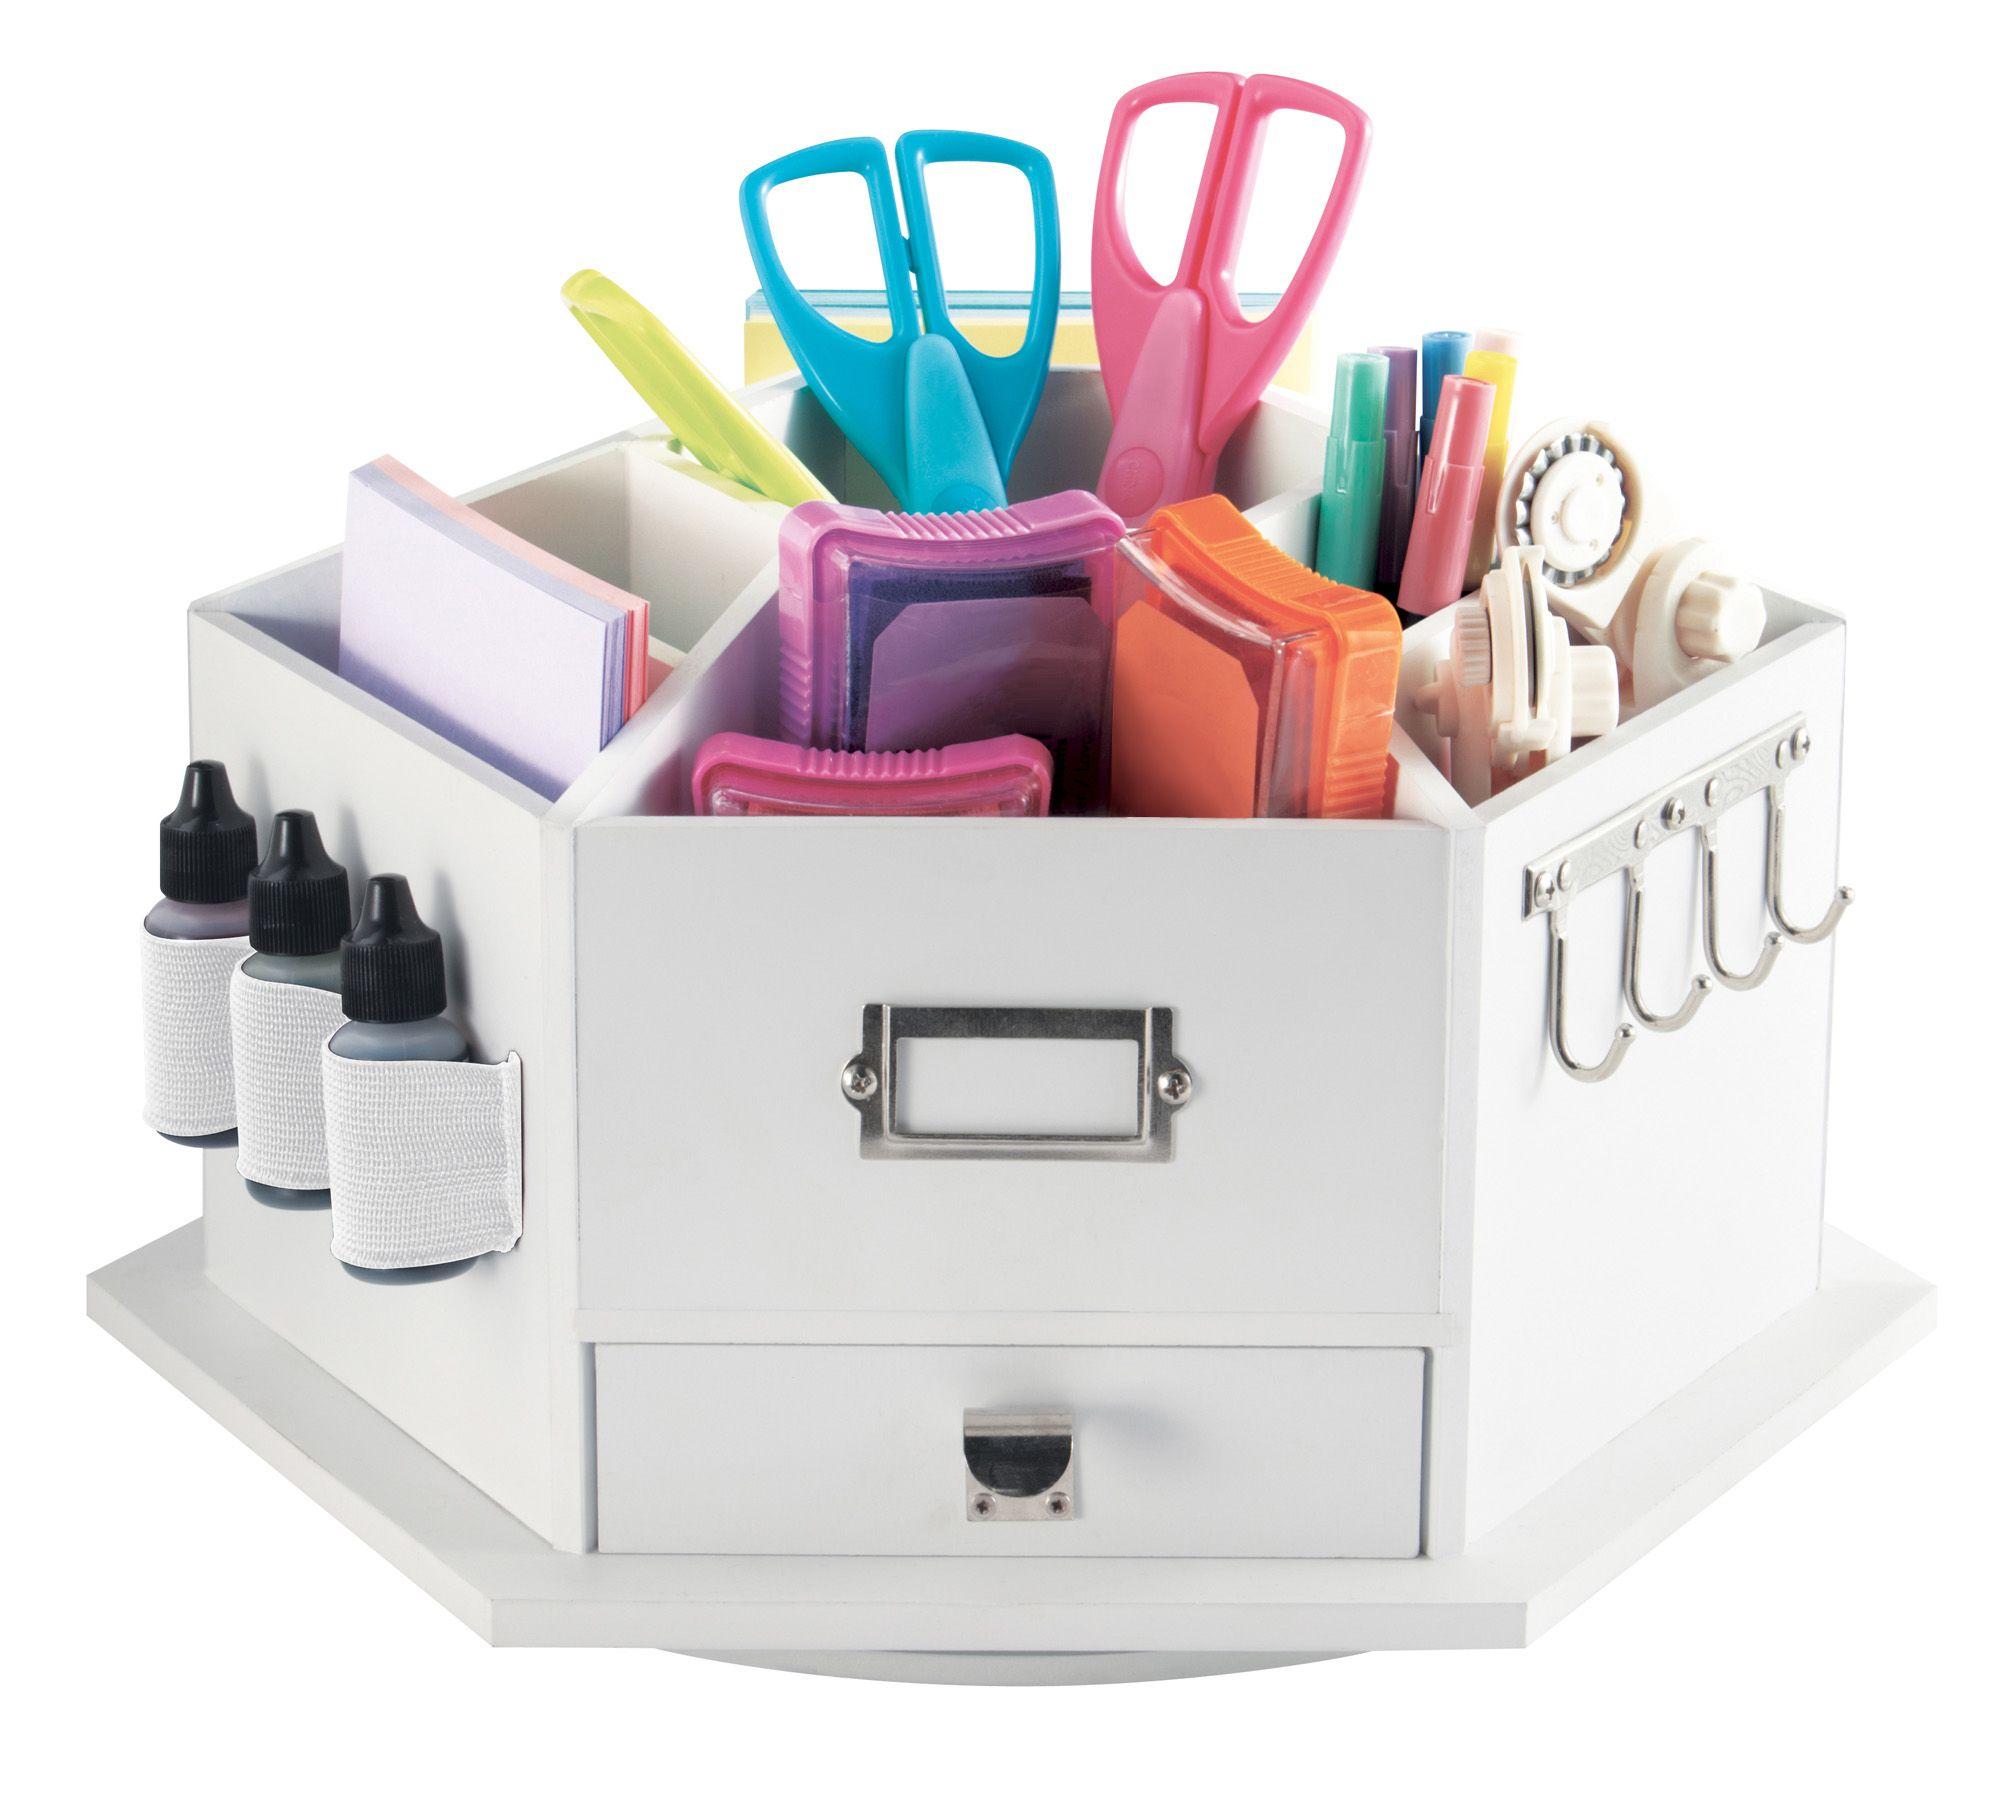 papercrafting Организация Ручки art Маркеры Подарками